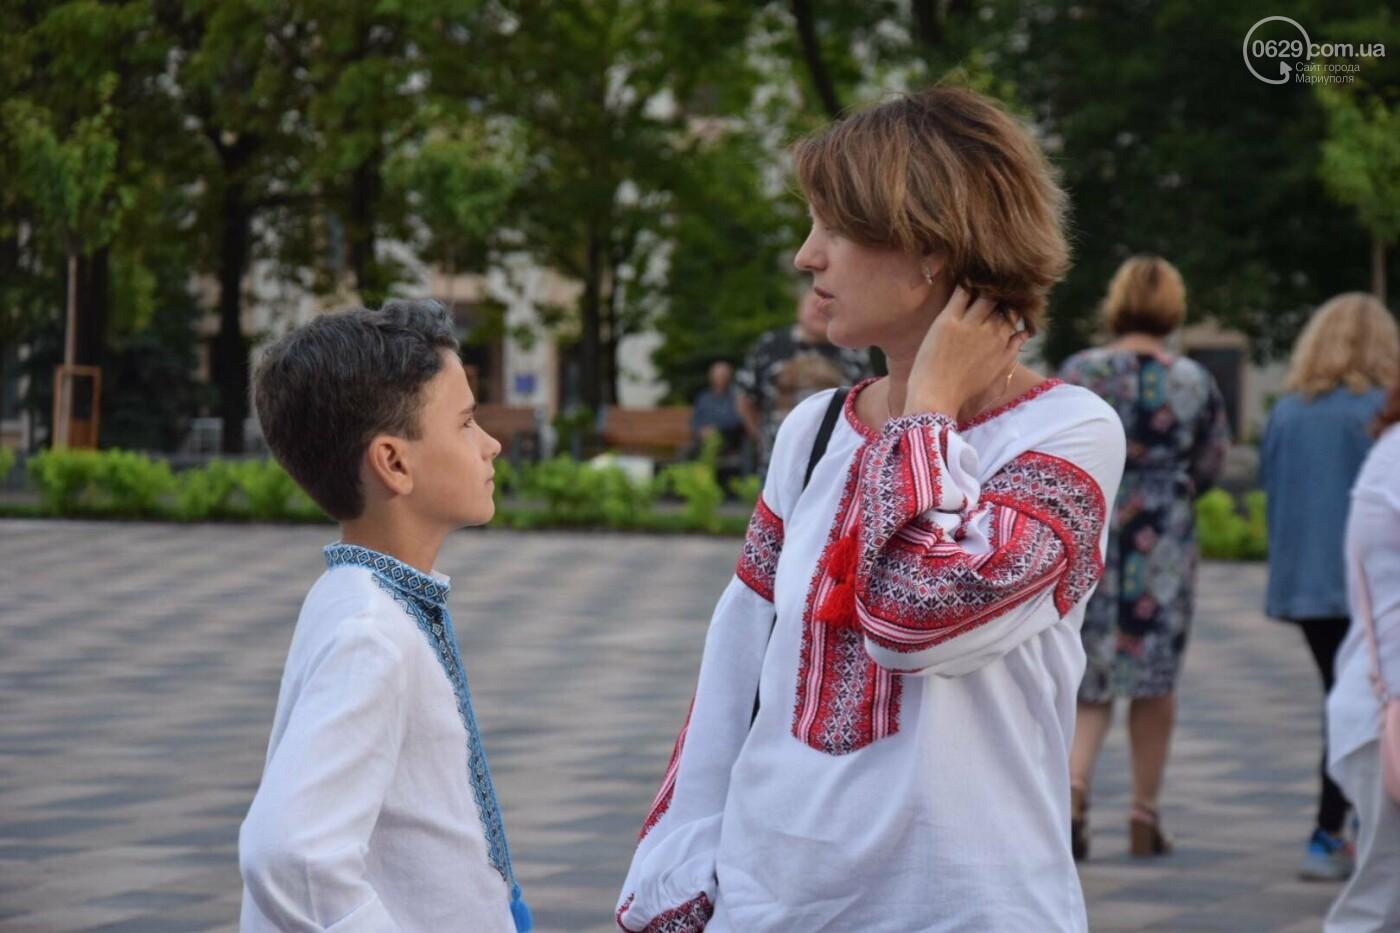 В Мариуполе радостно встретили Закон об украинском языке, - ФОТО, фото-16